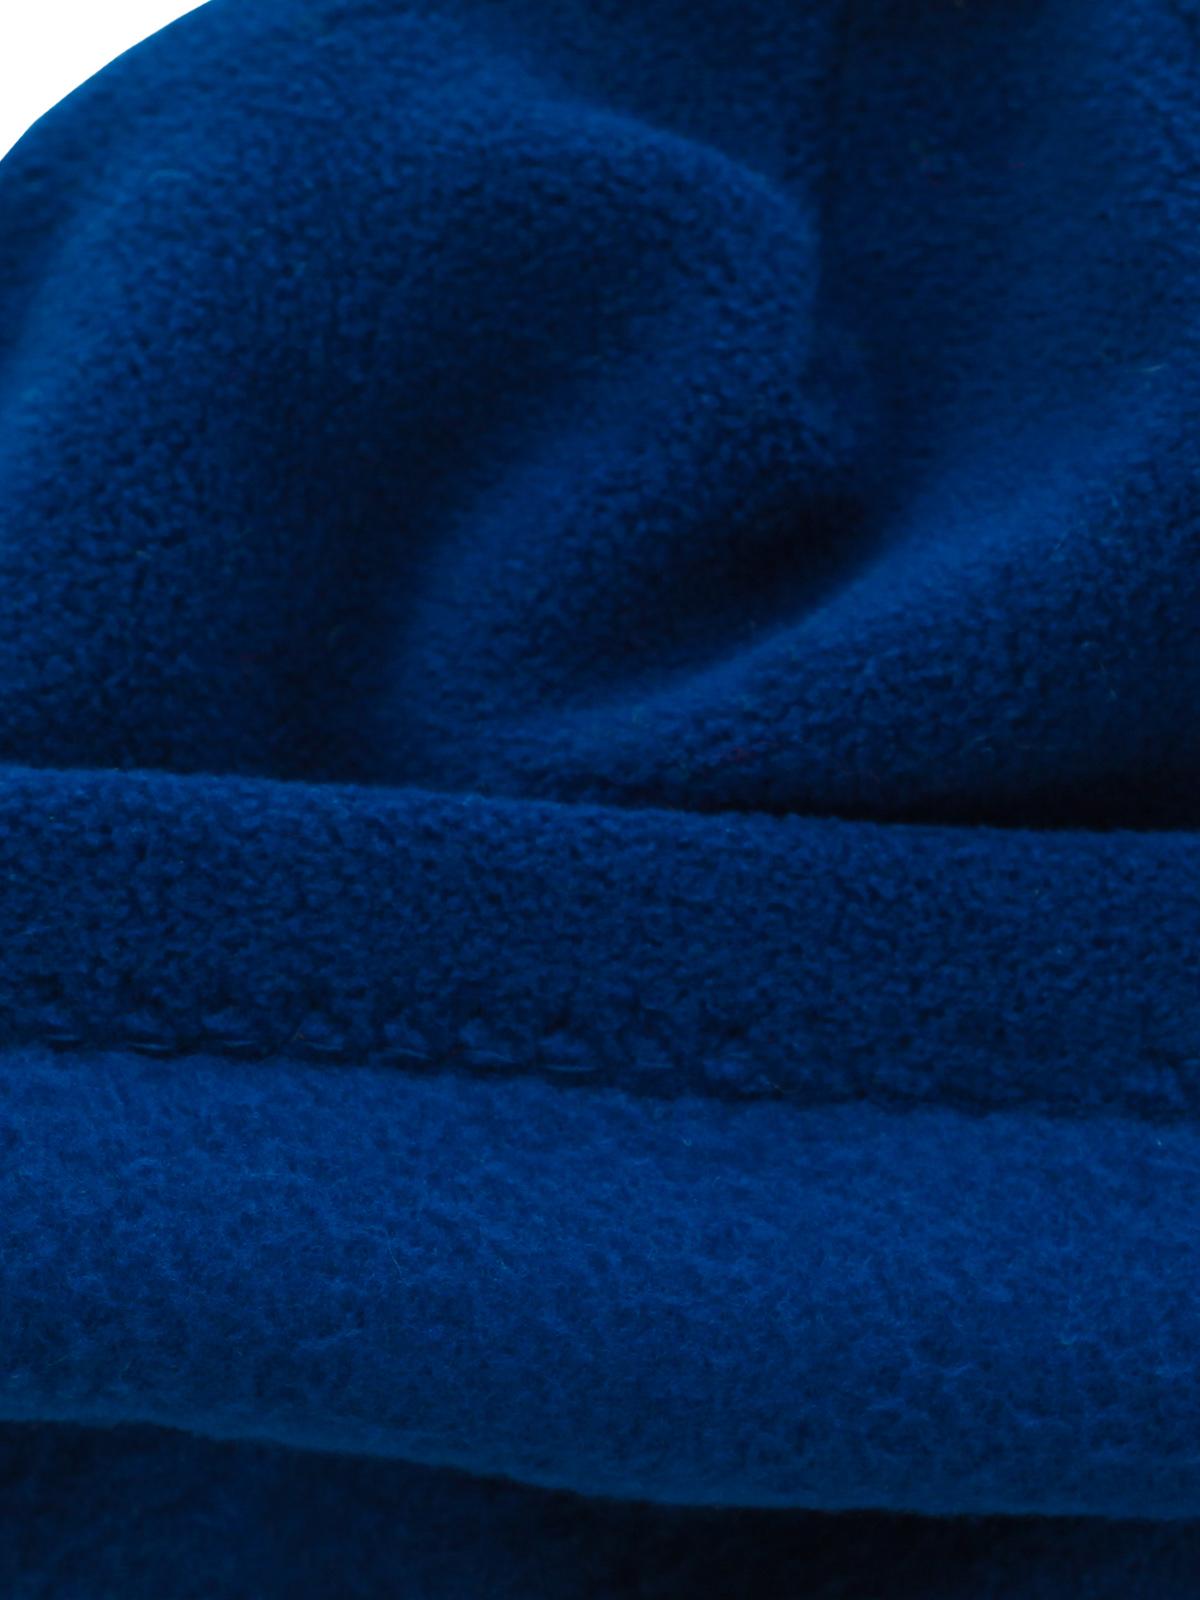 Заказать неприхотливую флисовую мужскую шапку ценителям активного образа жизни по специальной цене